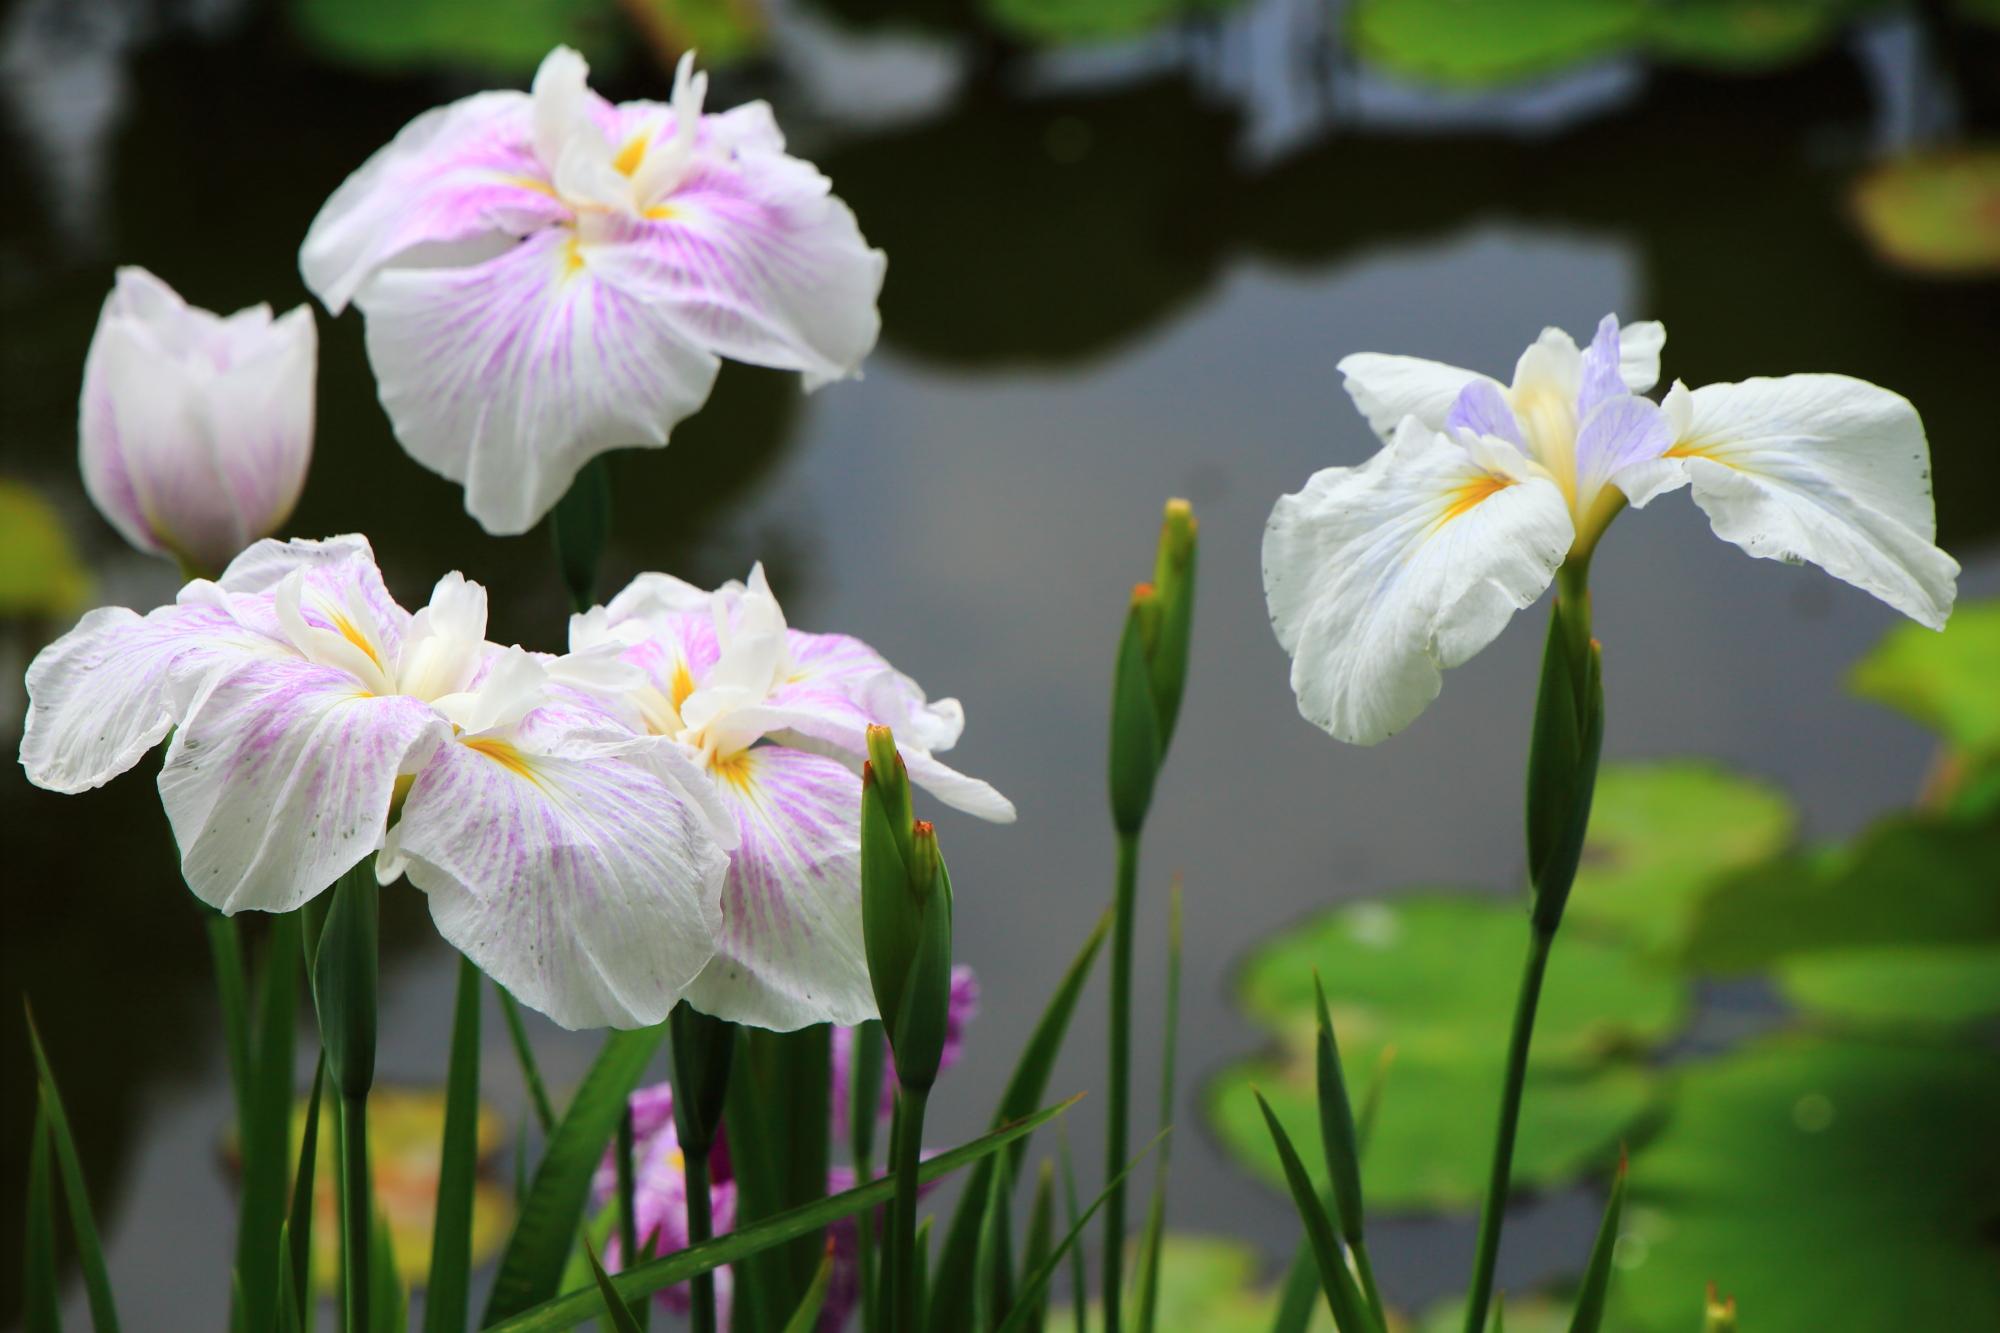 優美に水辺を華やぐ花菖蒲